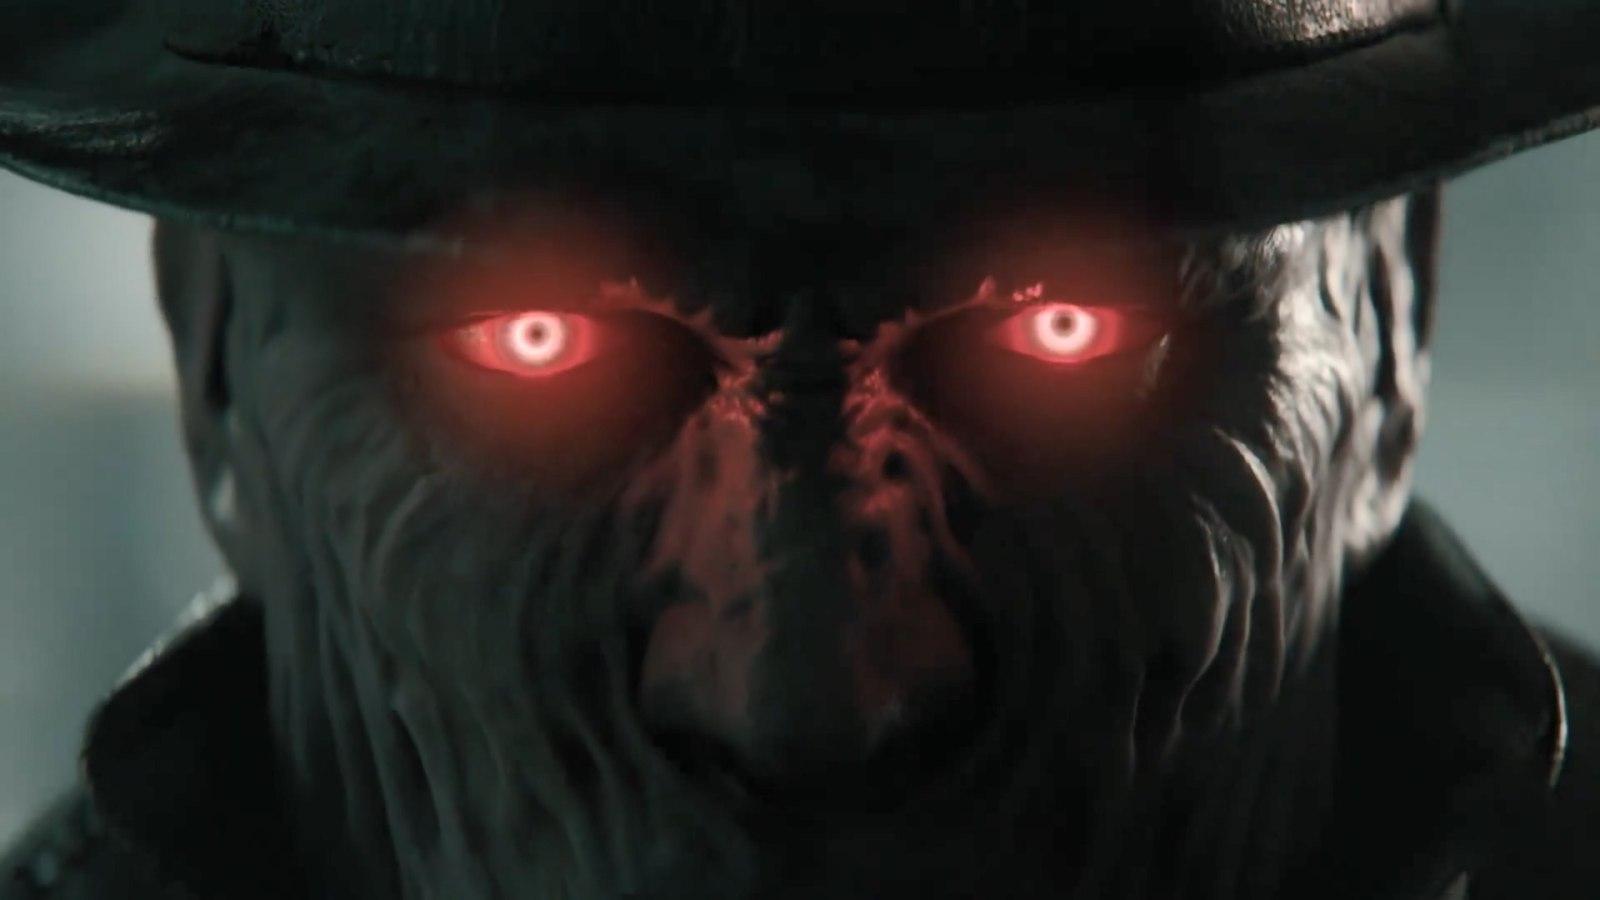 非对称的对抗体验,《Project Resistance》公开游戏玩法预告片